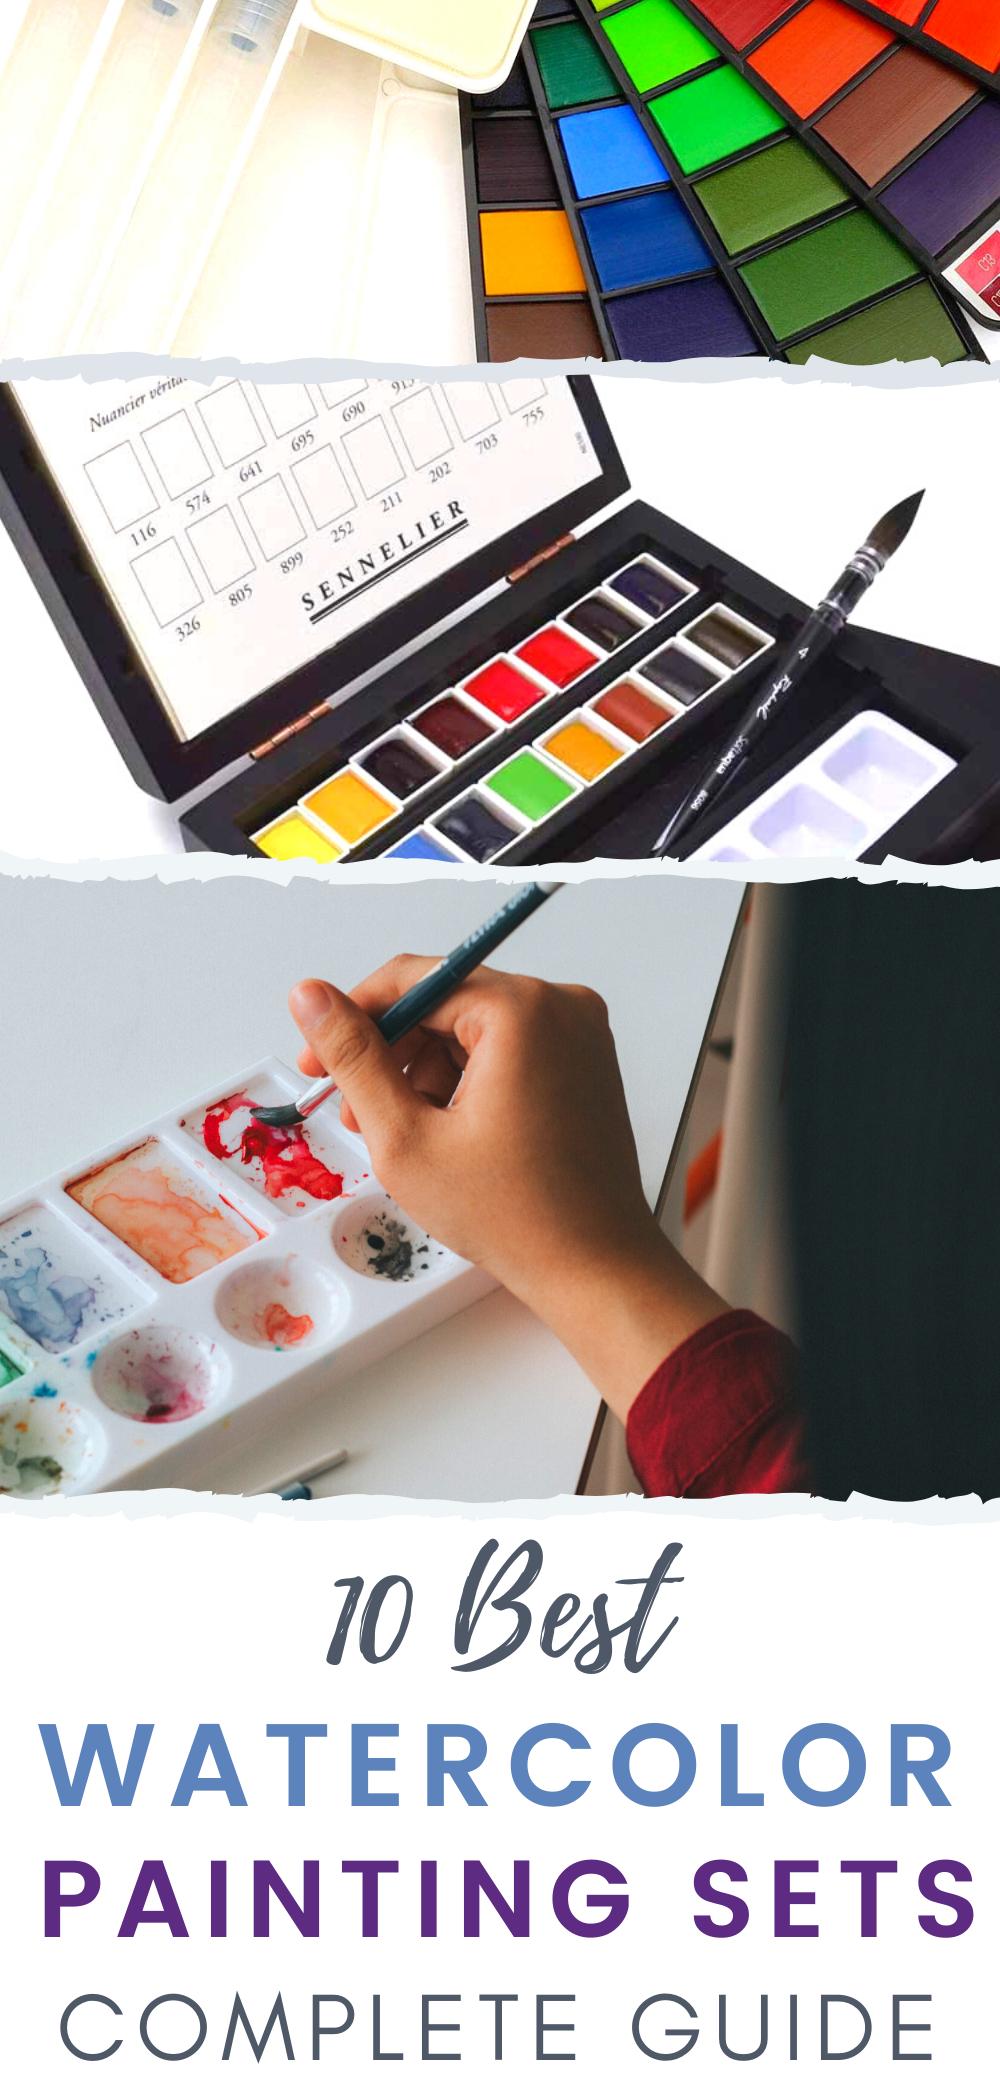 Best Watercolor Paint Sets Top 10 Watercolor Sets In Detail Watercolor Branding Paint Sets Watercolor Paint Set